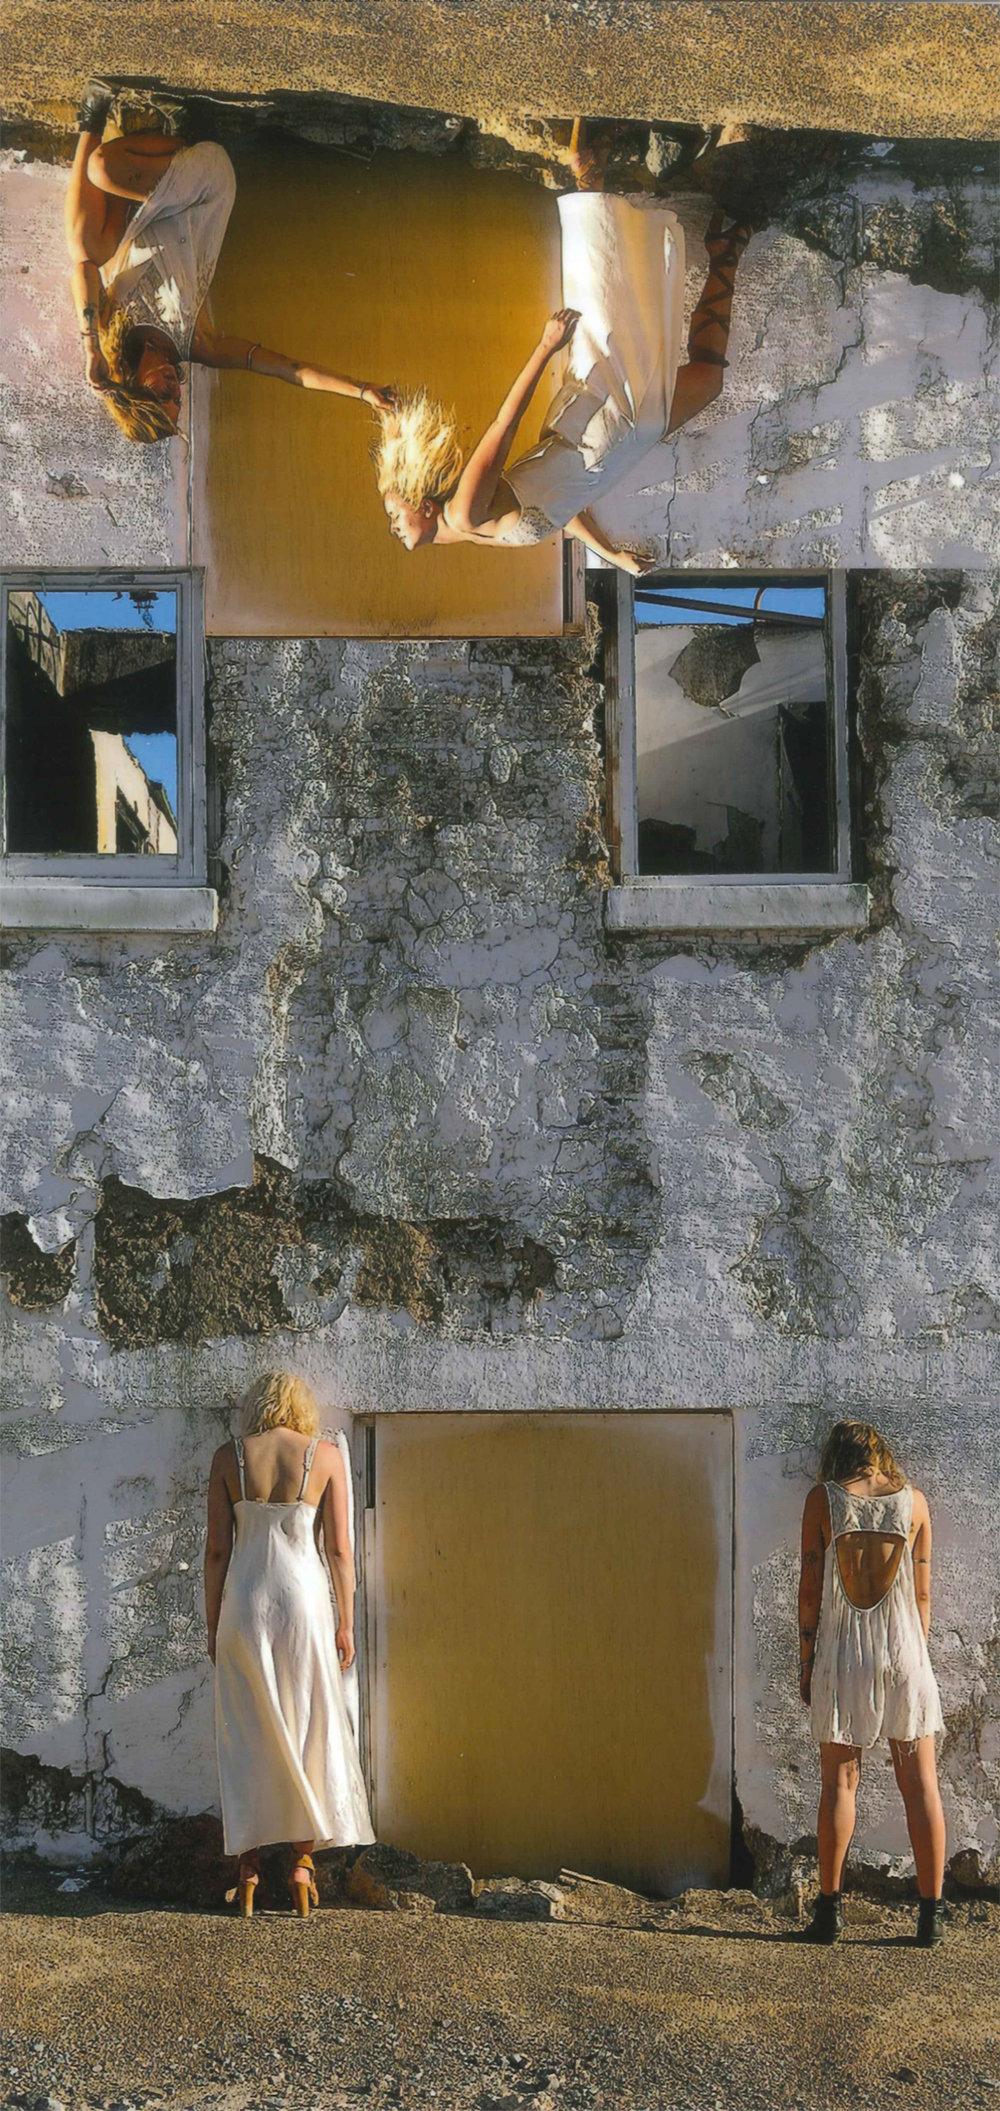 dustyabandonedhouse-5.jpg